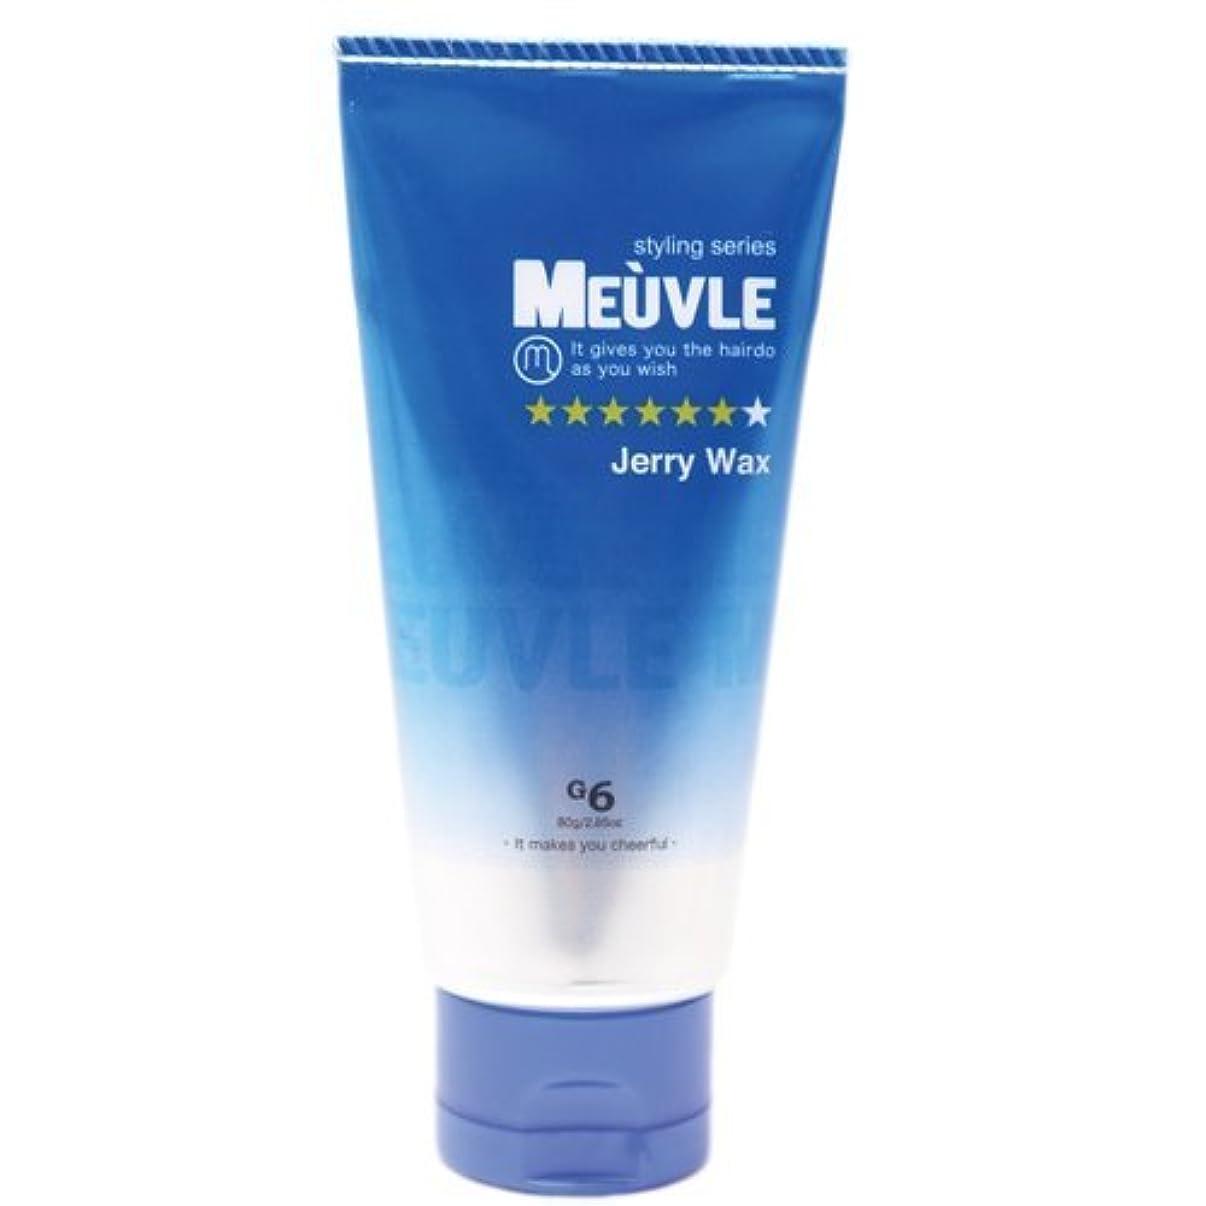 干ばつ適応的回転させるMEUVLE (ミューヴル) ジェリーワックス G6 (ブルー?セット力&ツヤ感出し)